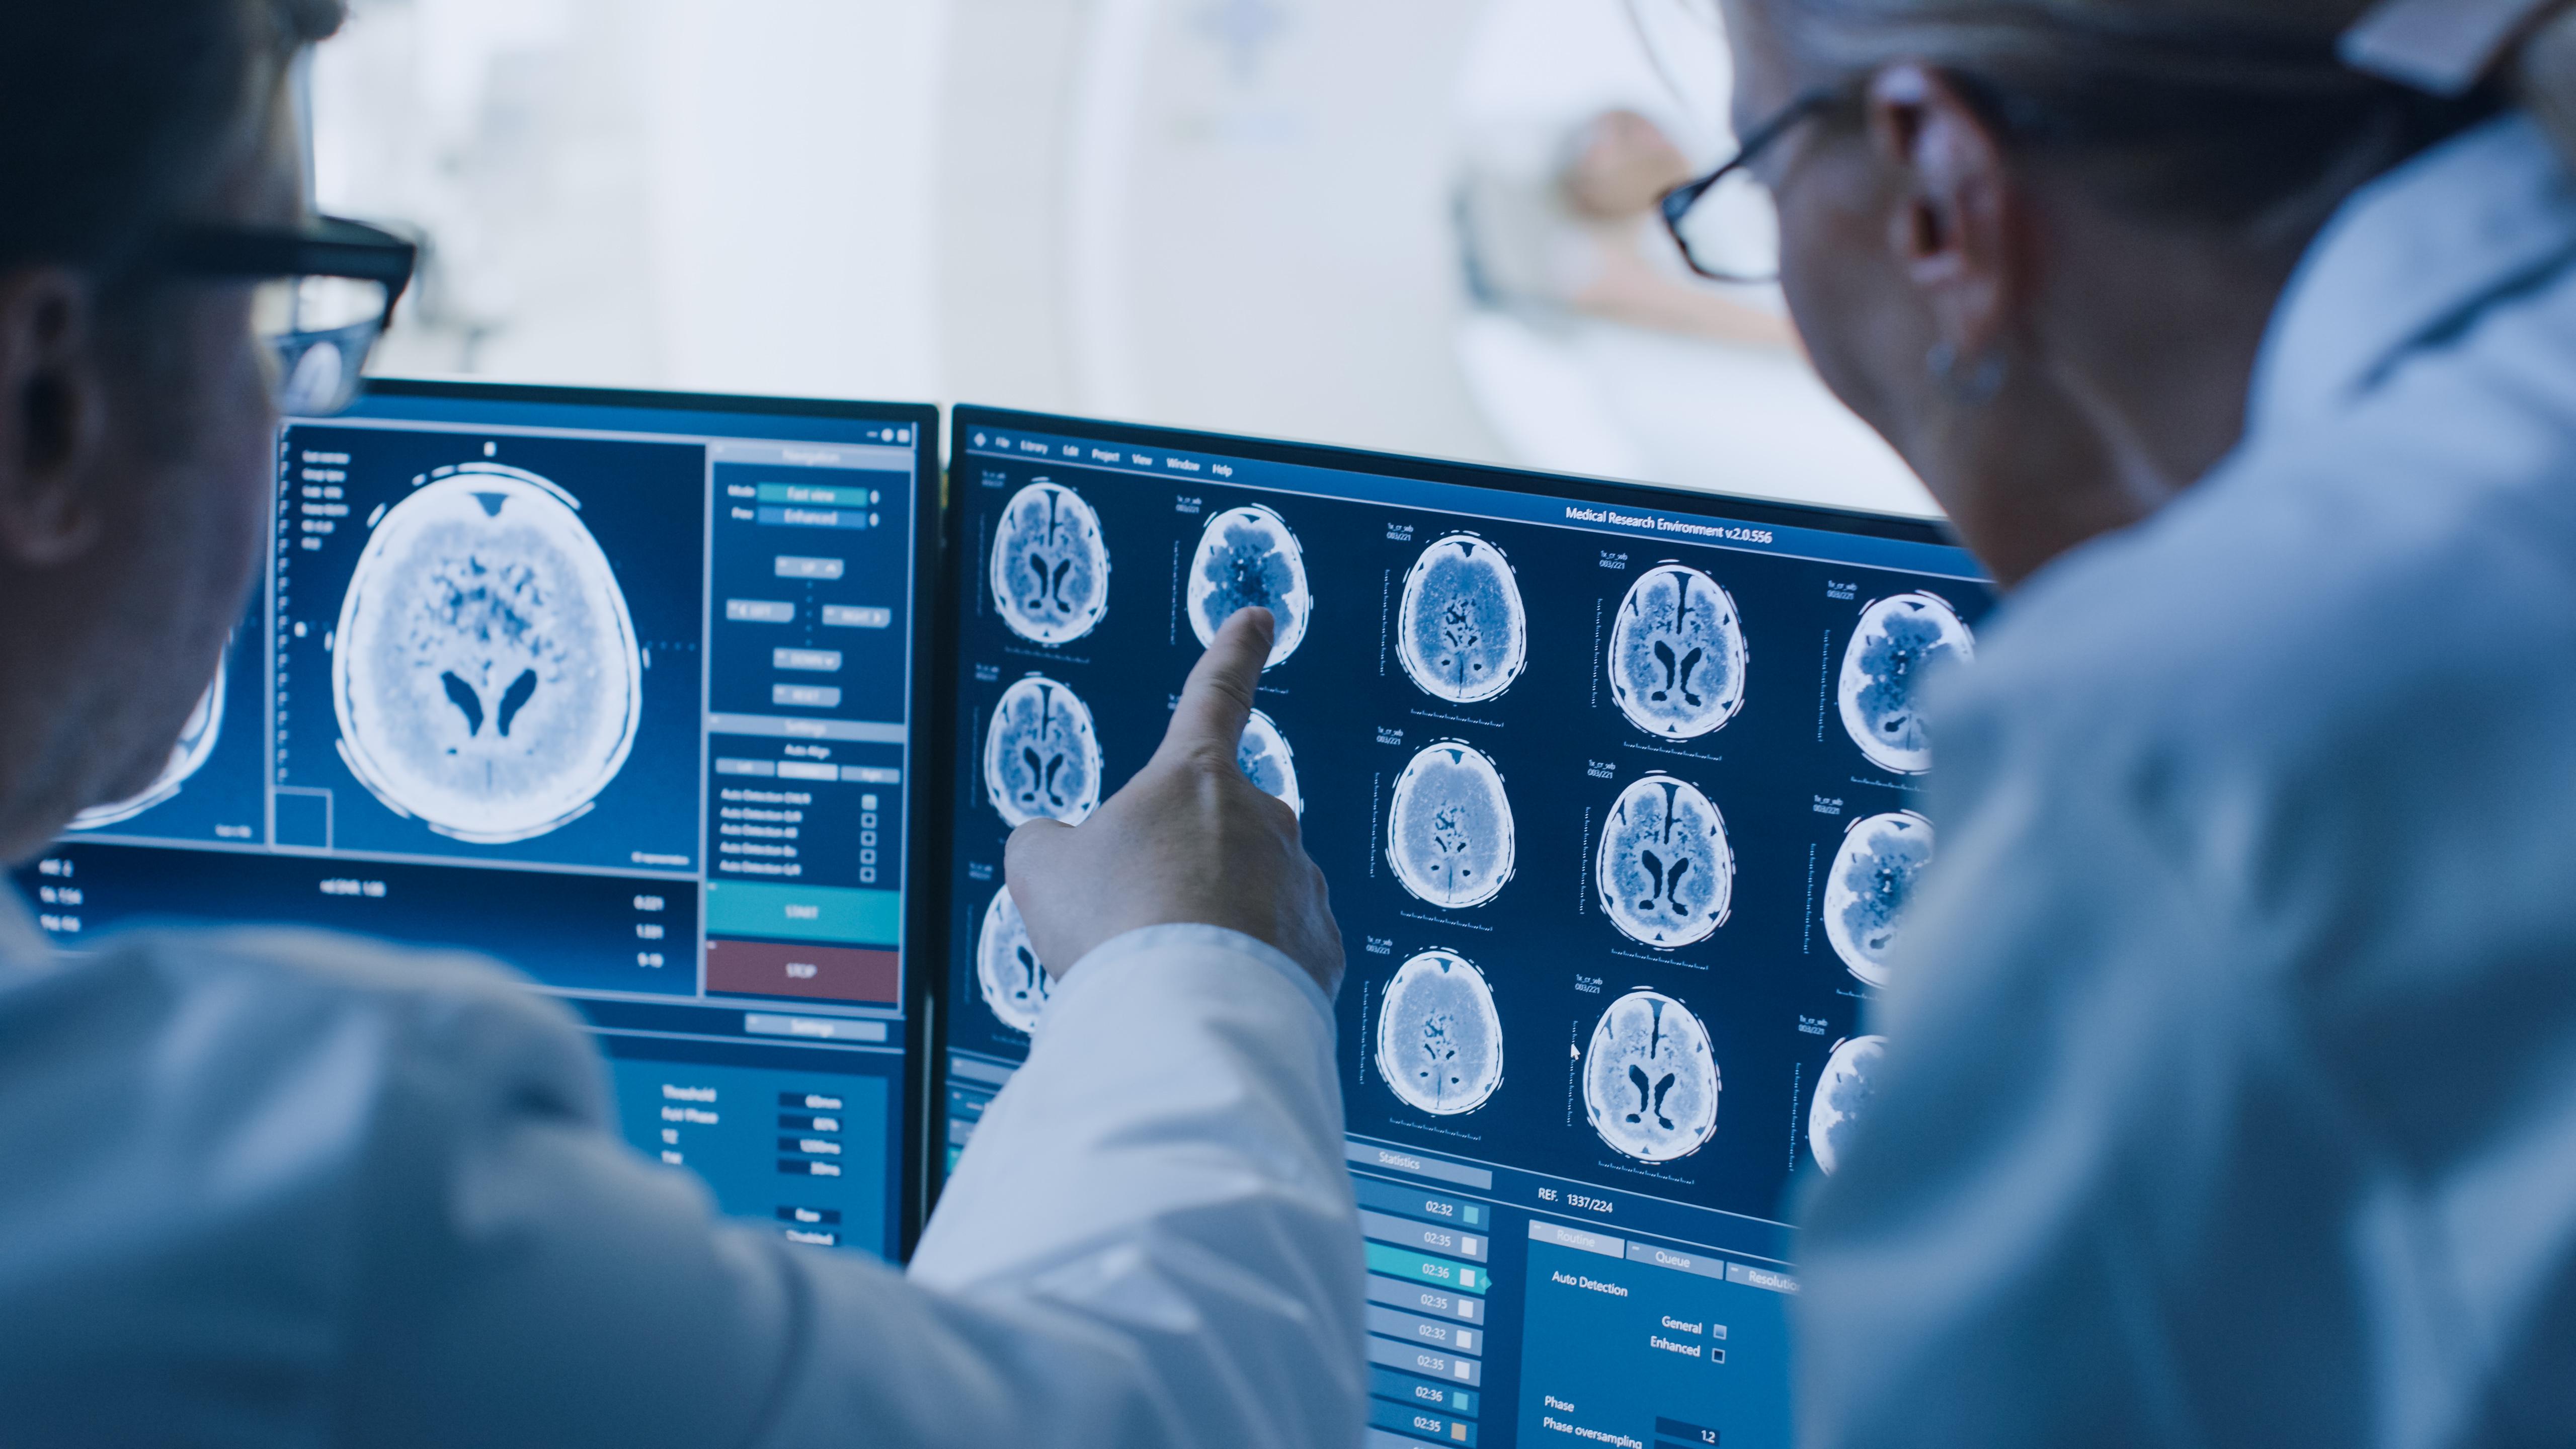 Les lysosomes, des organites cellulaires impliqués dans la dégradation des molécules et l'autophagie apparaissent impliqués dans la propagation de la maladie de Parkinson (Visuel Adobe Stock 236237463)